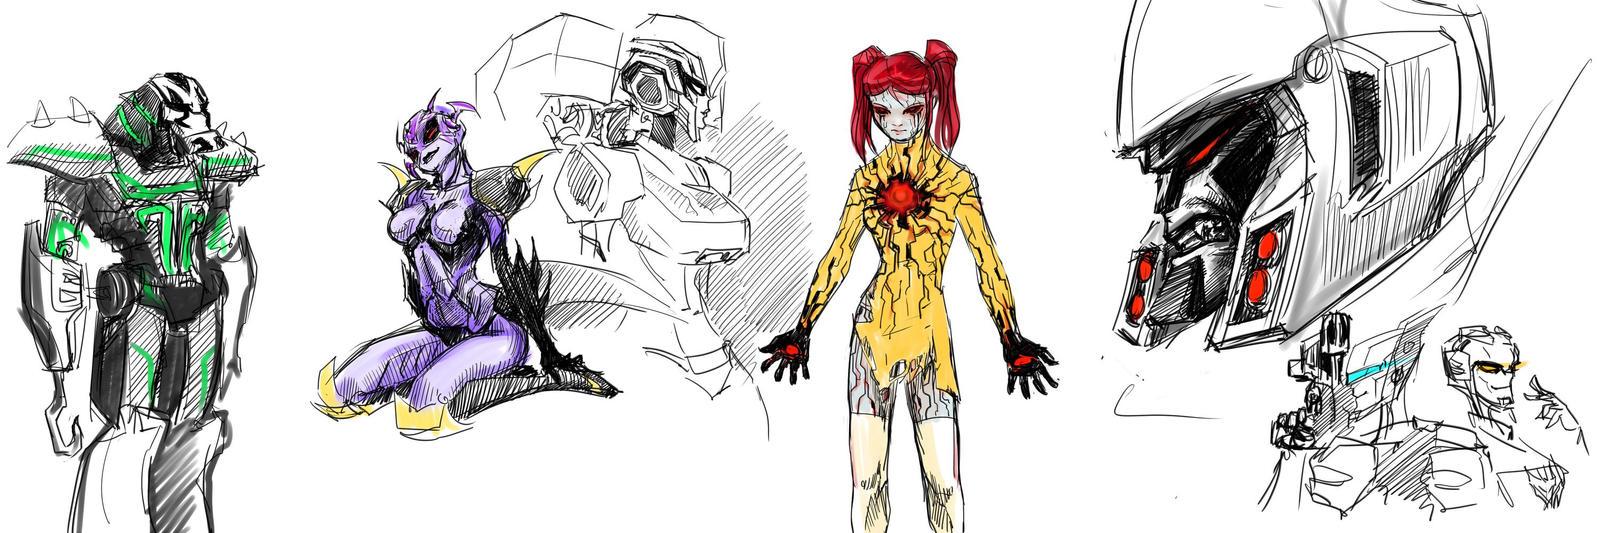 TFA doodling by MamonnA